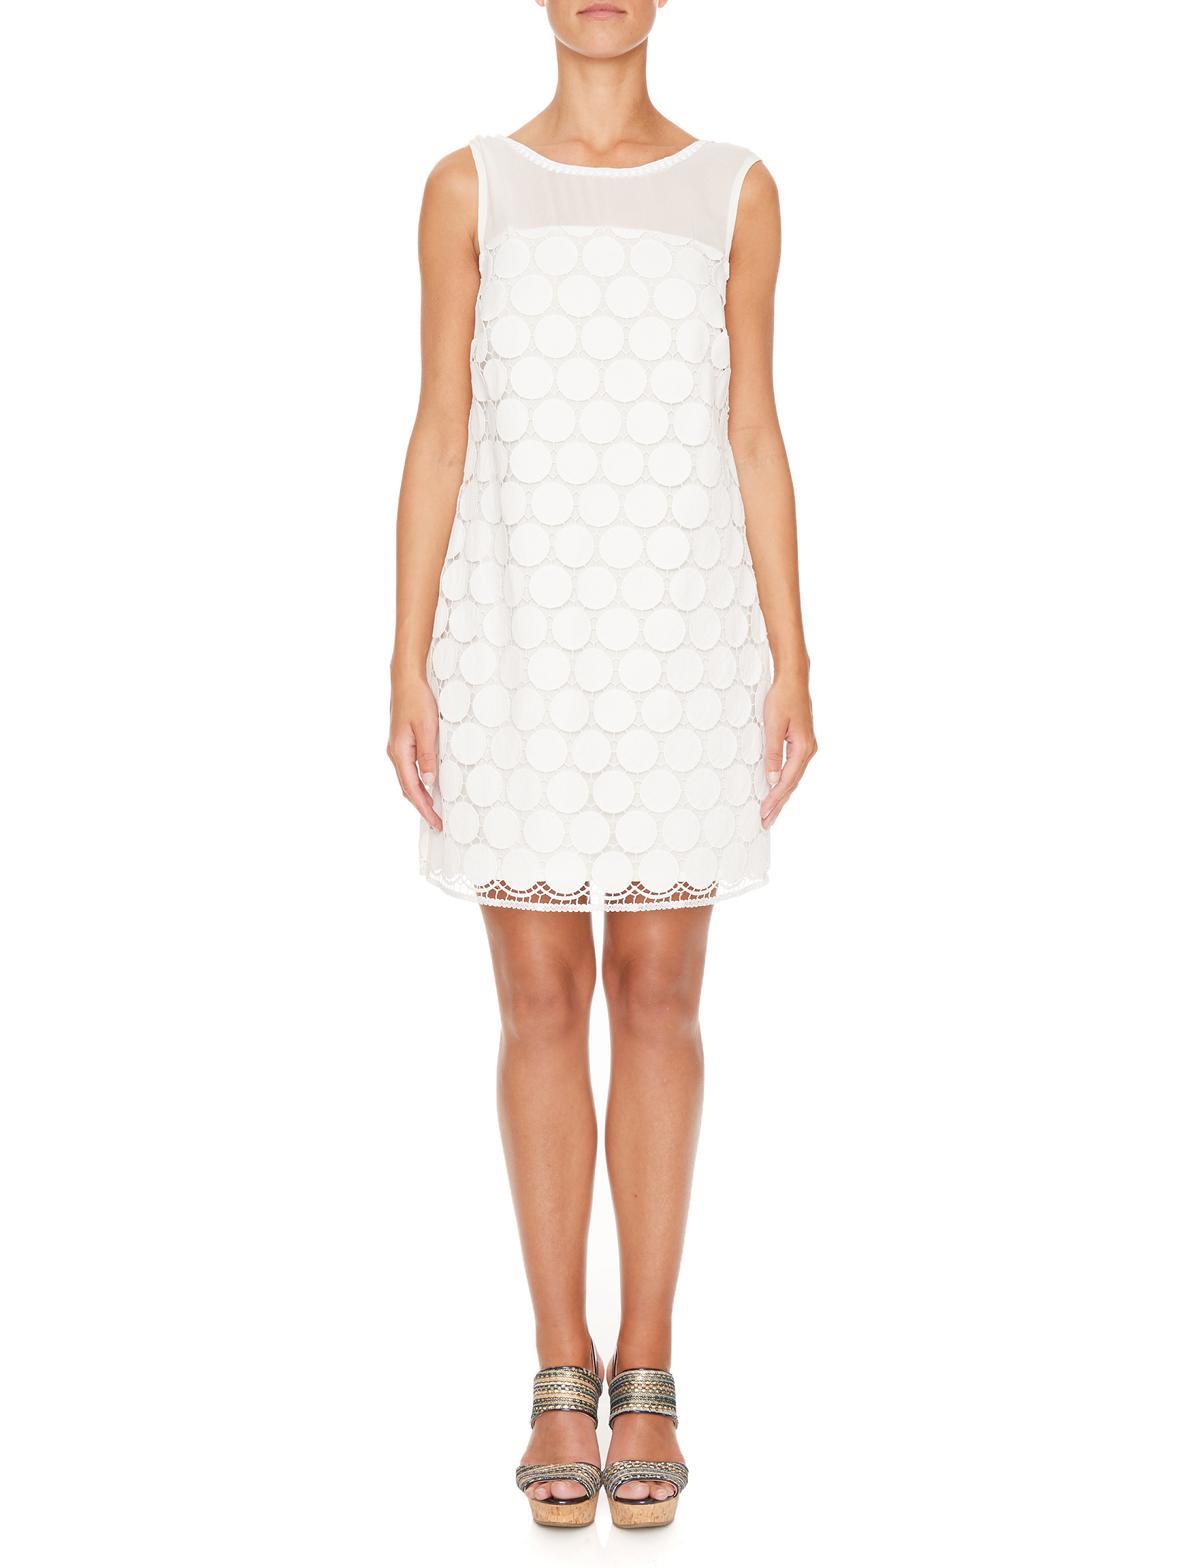 Vorderansicht von Ana Alcazar A-Linien Kleid Maiveas  angezogen an Model